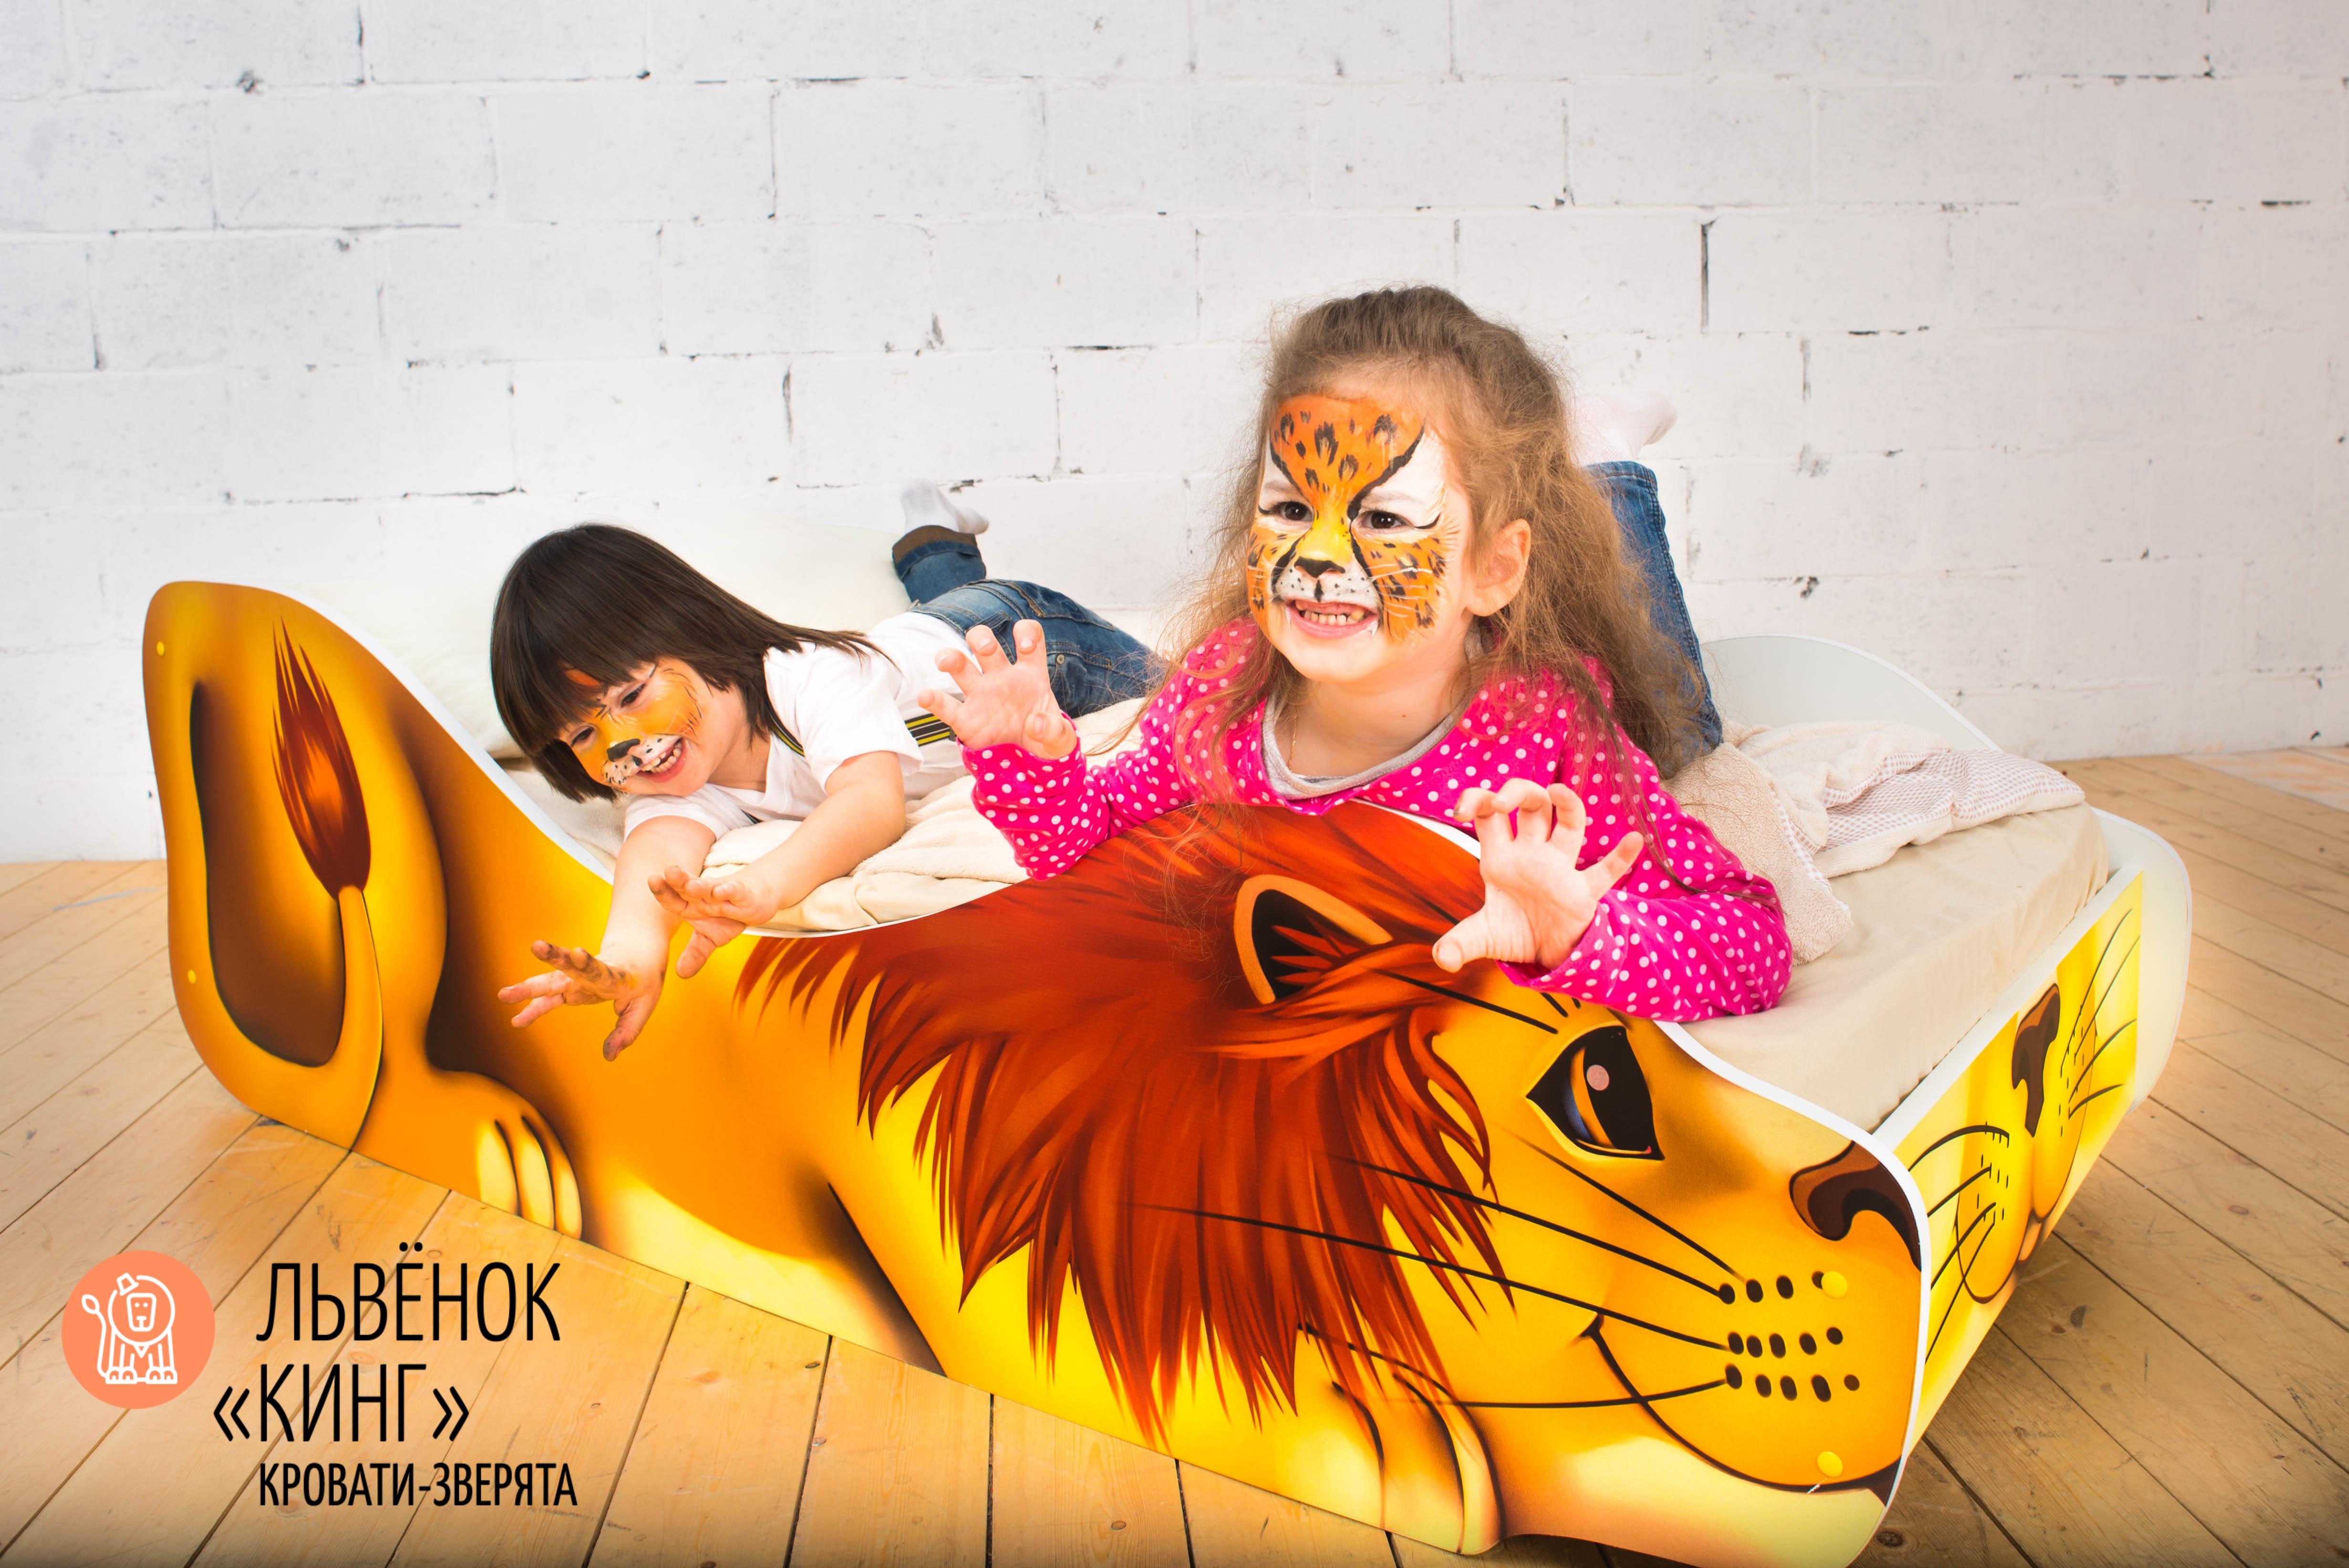 Детская кровать-зверенок -Лев-Кинг-5